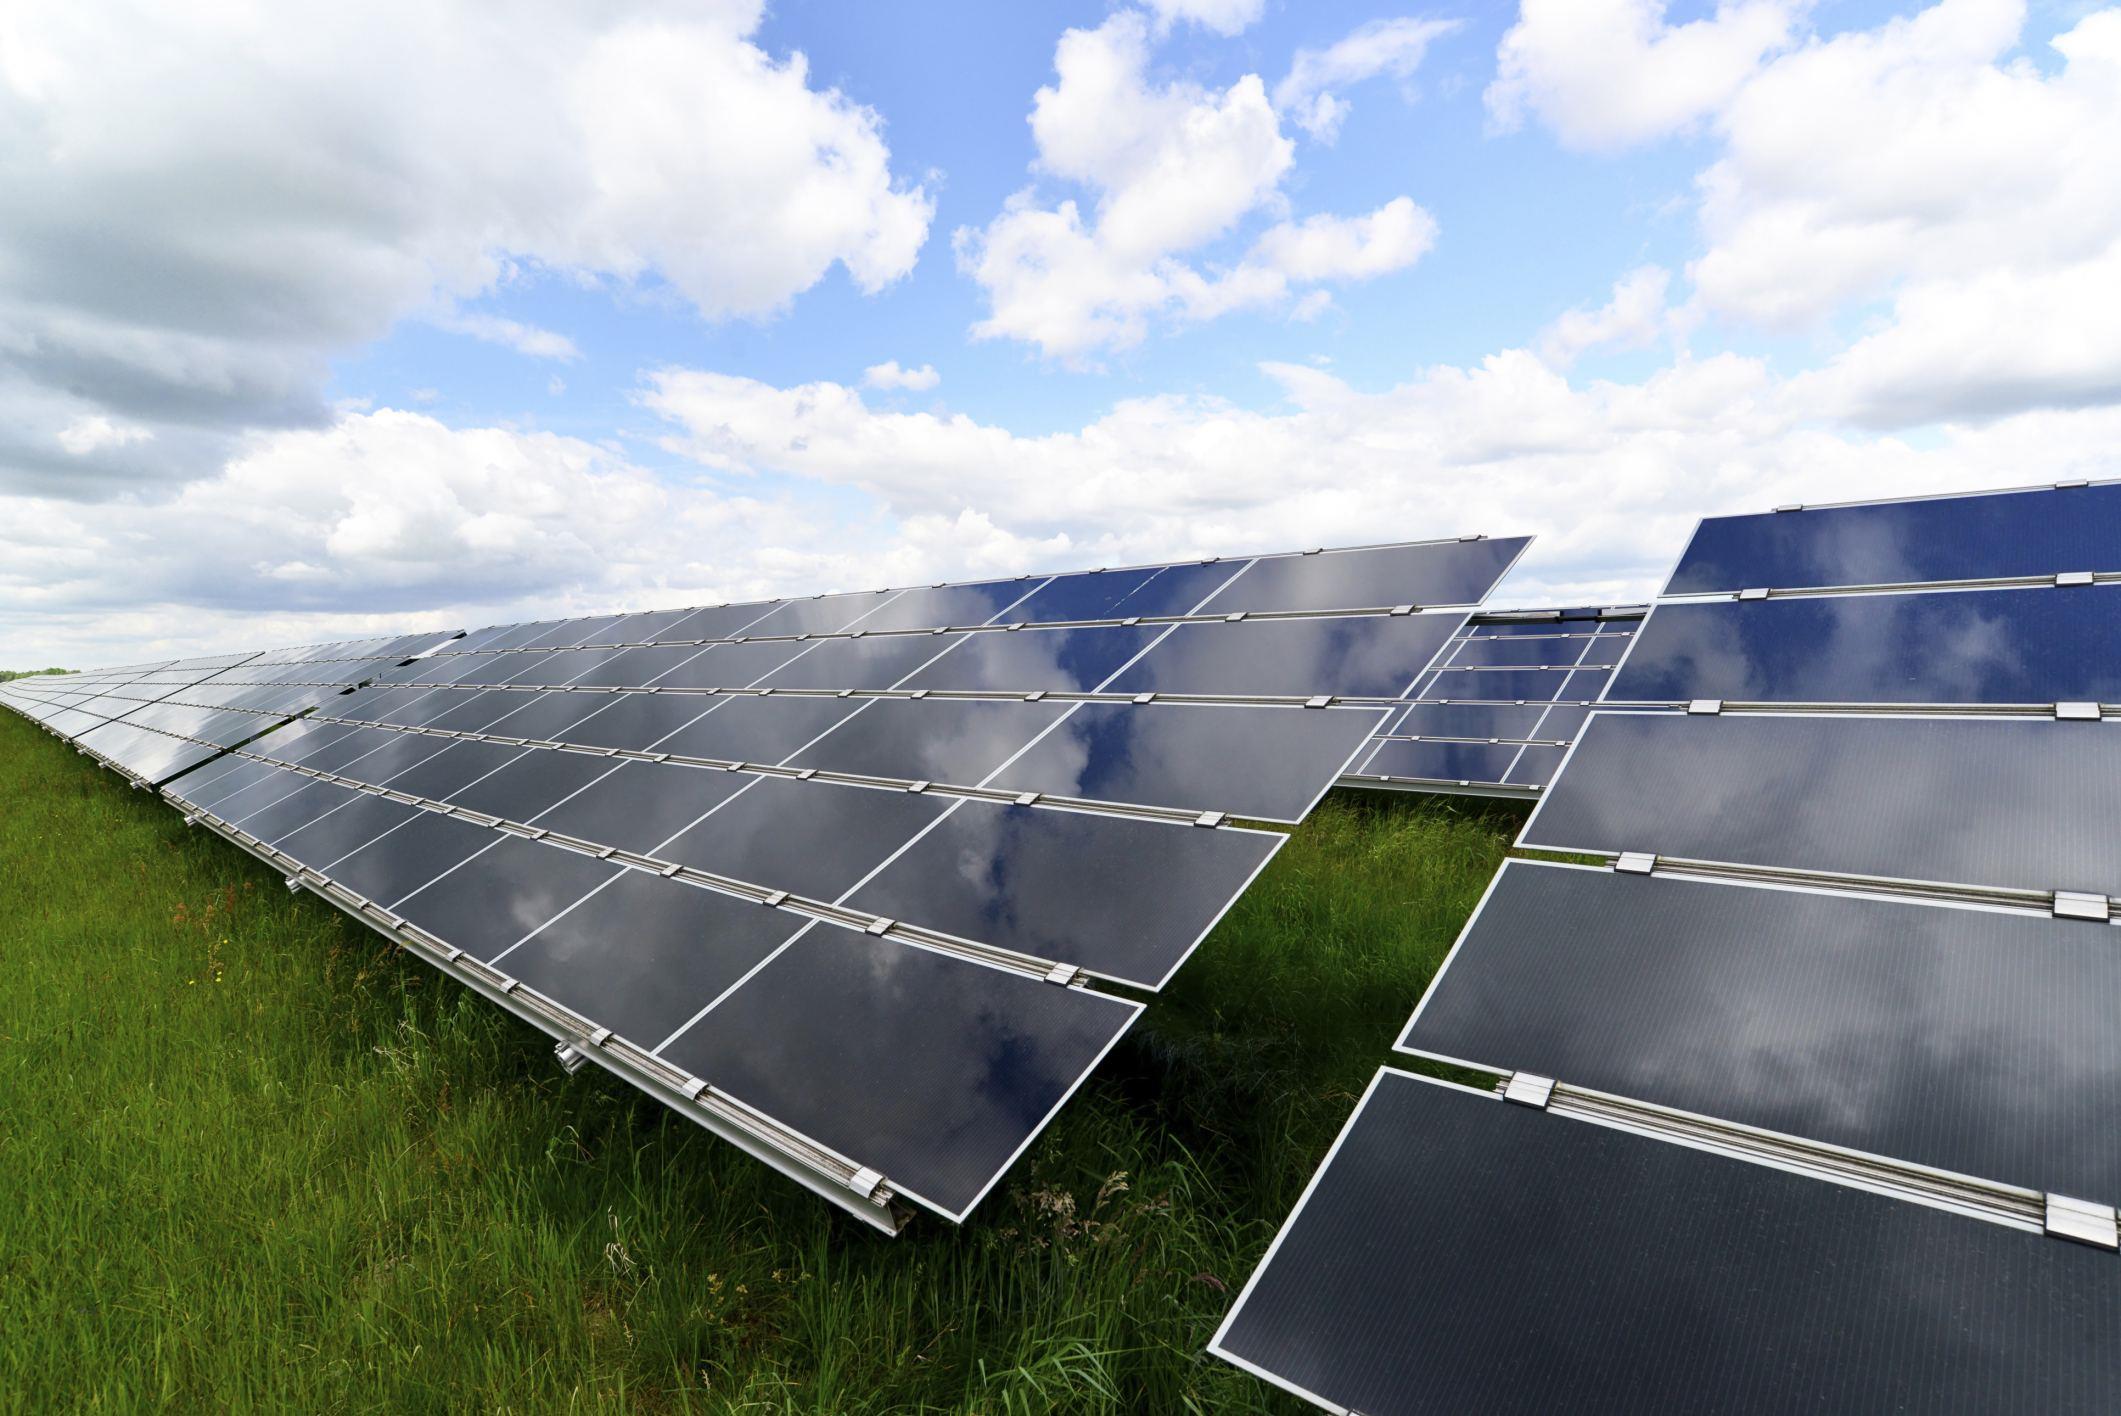 瓦锡兰推出新混合太阳能光伏存储解决方案